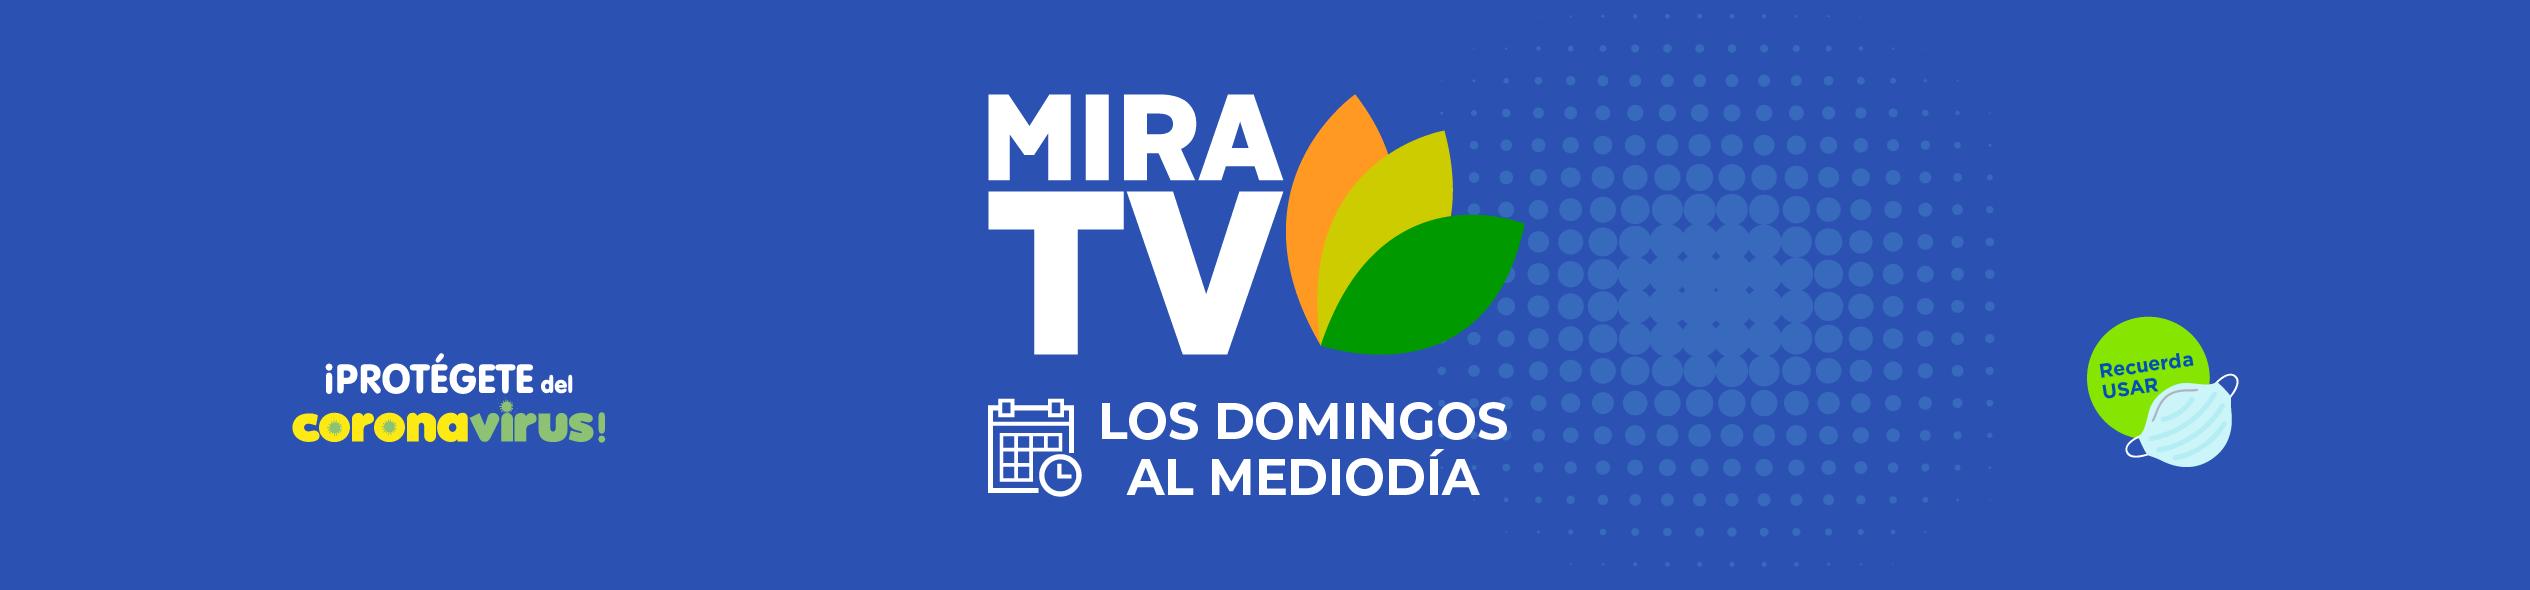 CABECERA2-MIRA-TV